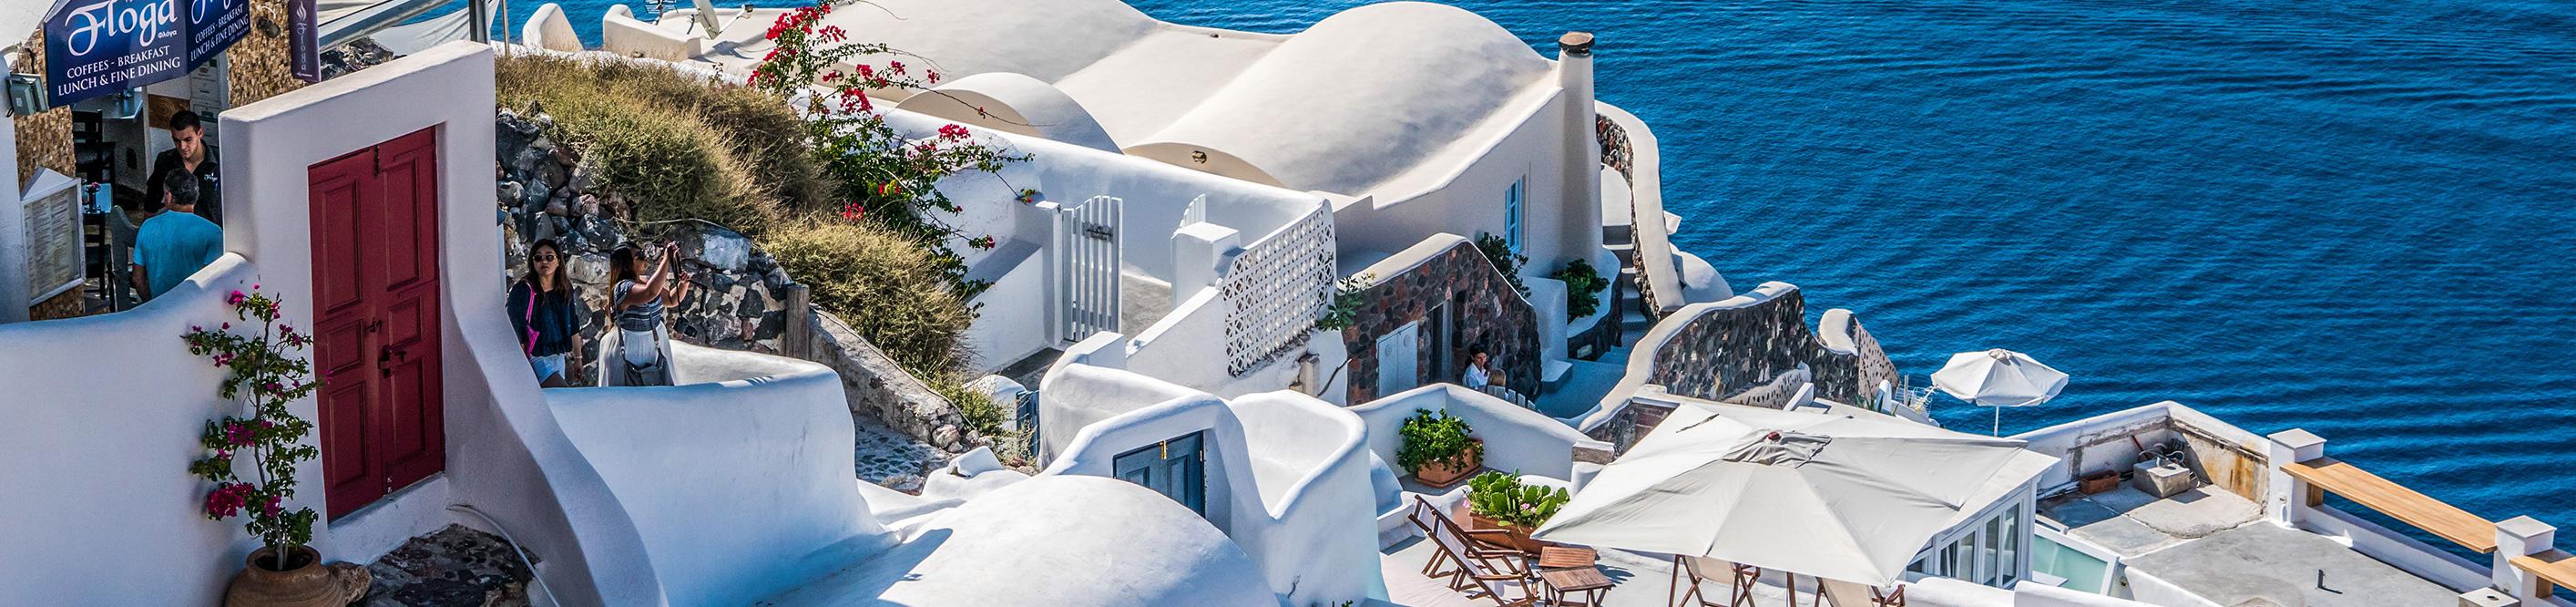 Круиз на парусной яхте в Греции В ФЕВРАЛЕ 2020